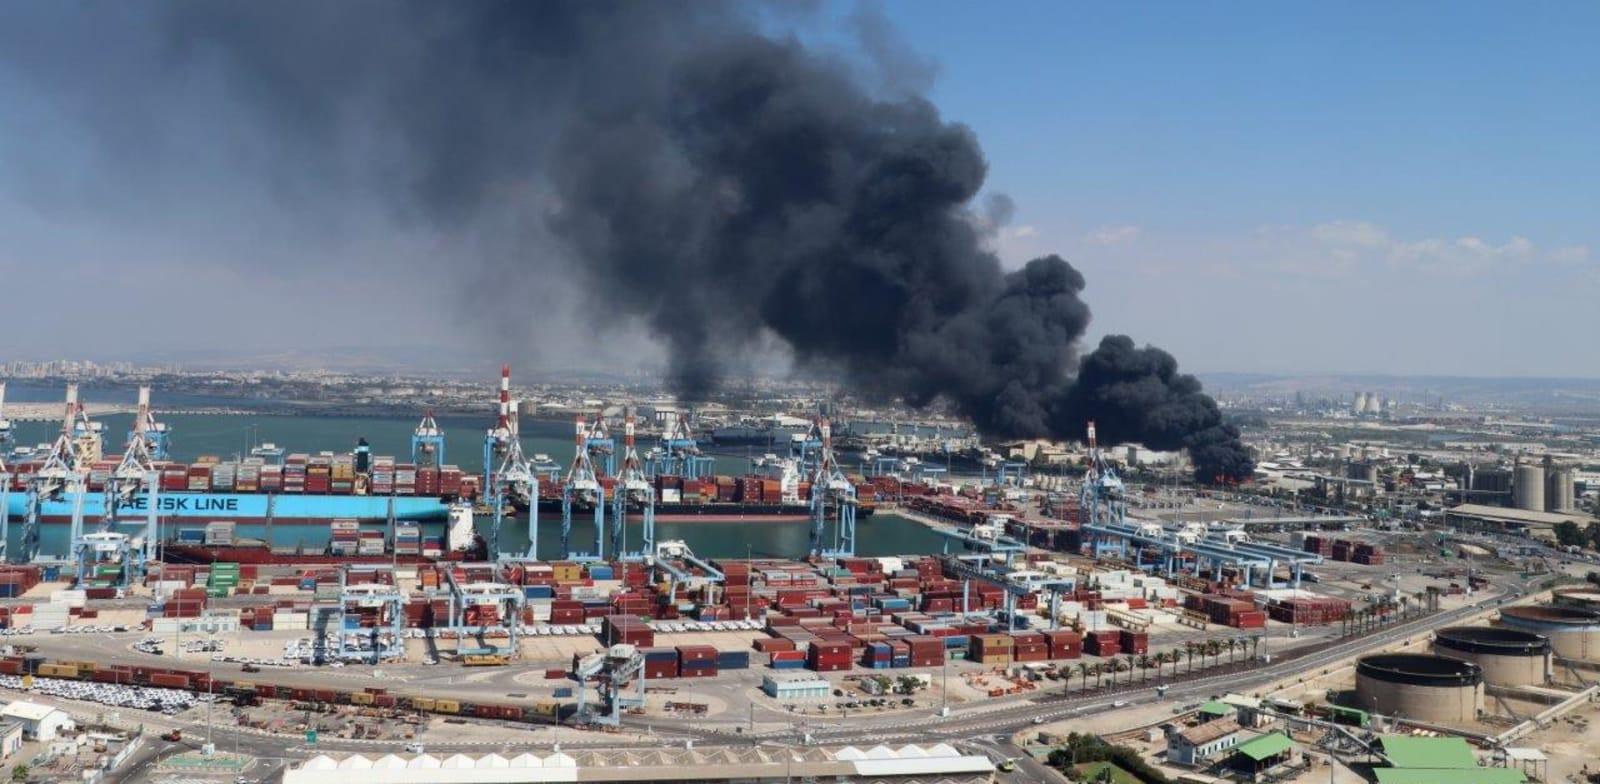 שריפה במפעל שמן מפרץ חיפה - קרדיט  / צילום: דוברות המשרד להגנת הסביבה / צילום: אילן מלסטר המשרד להגנת הסביבה